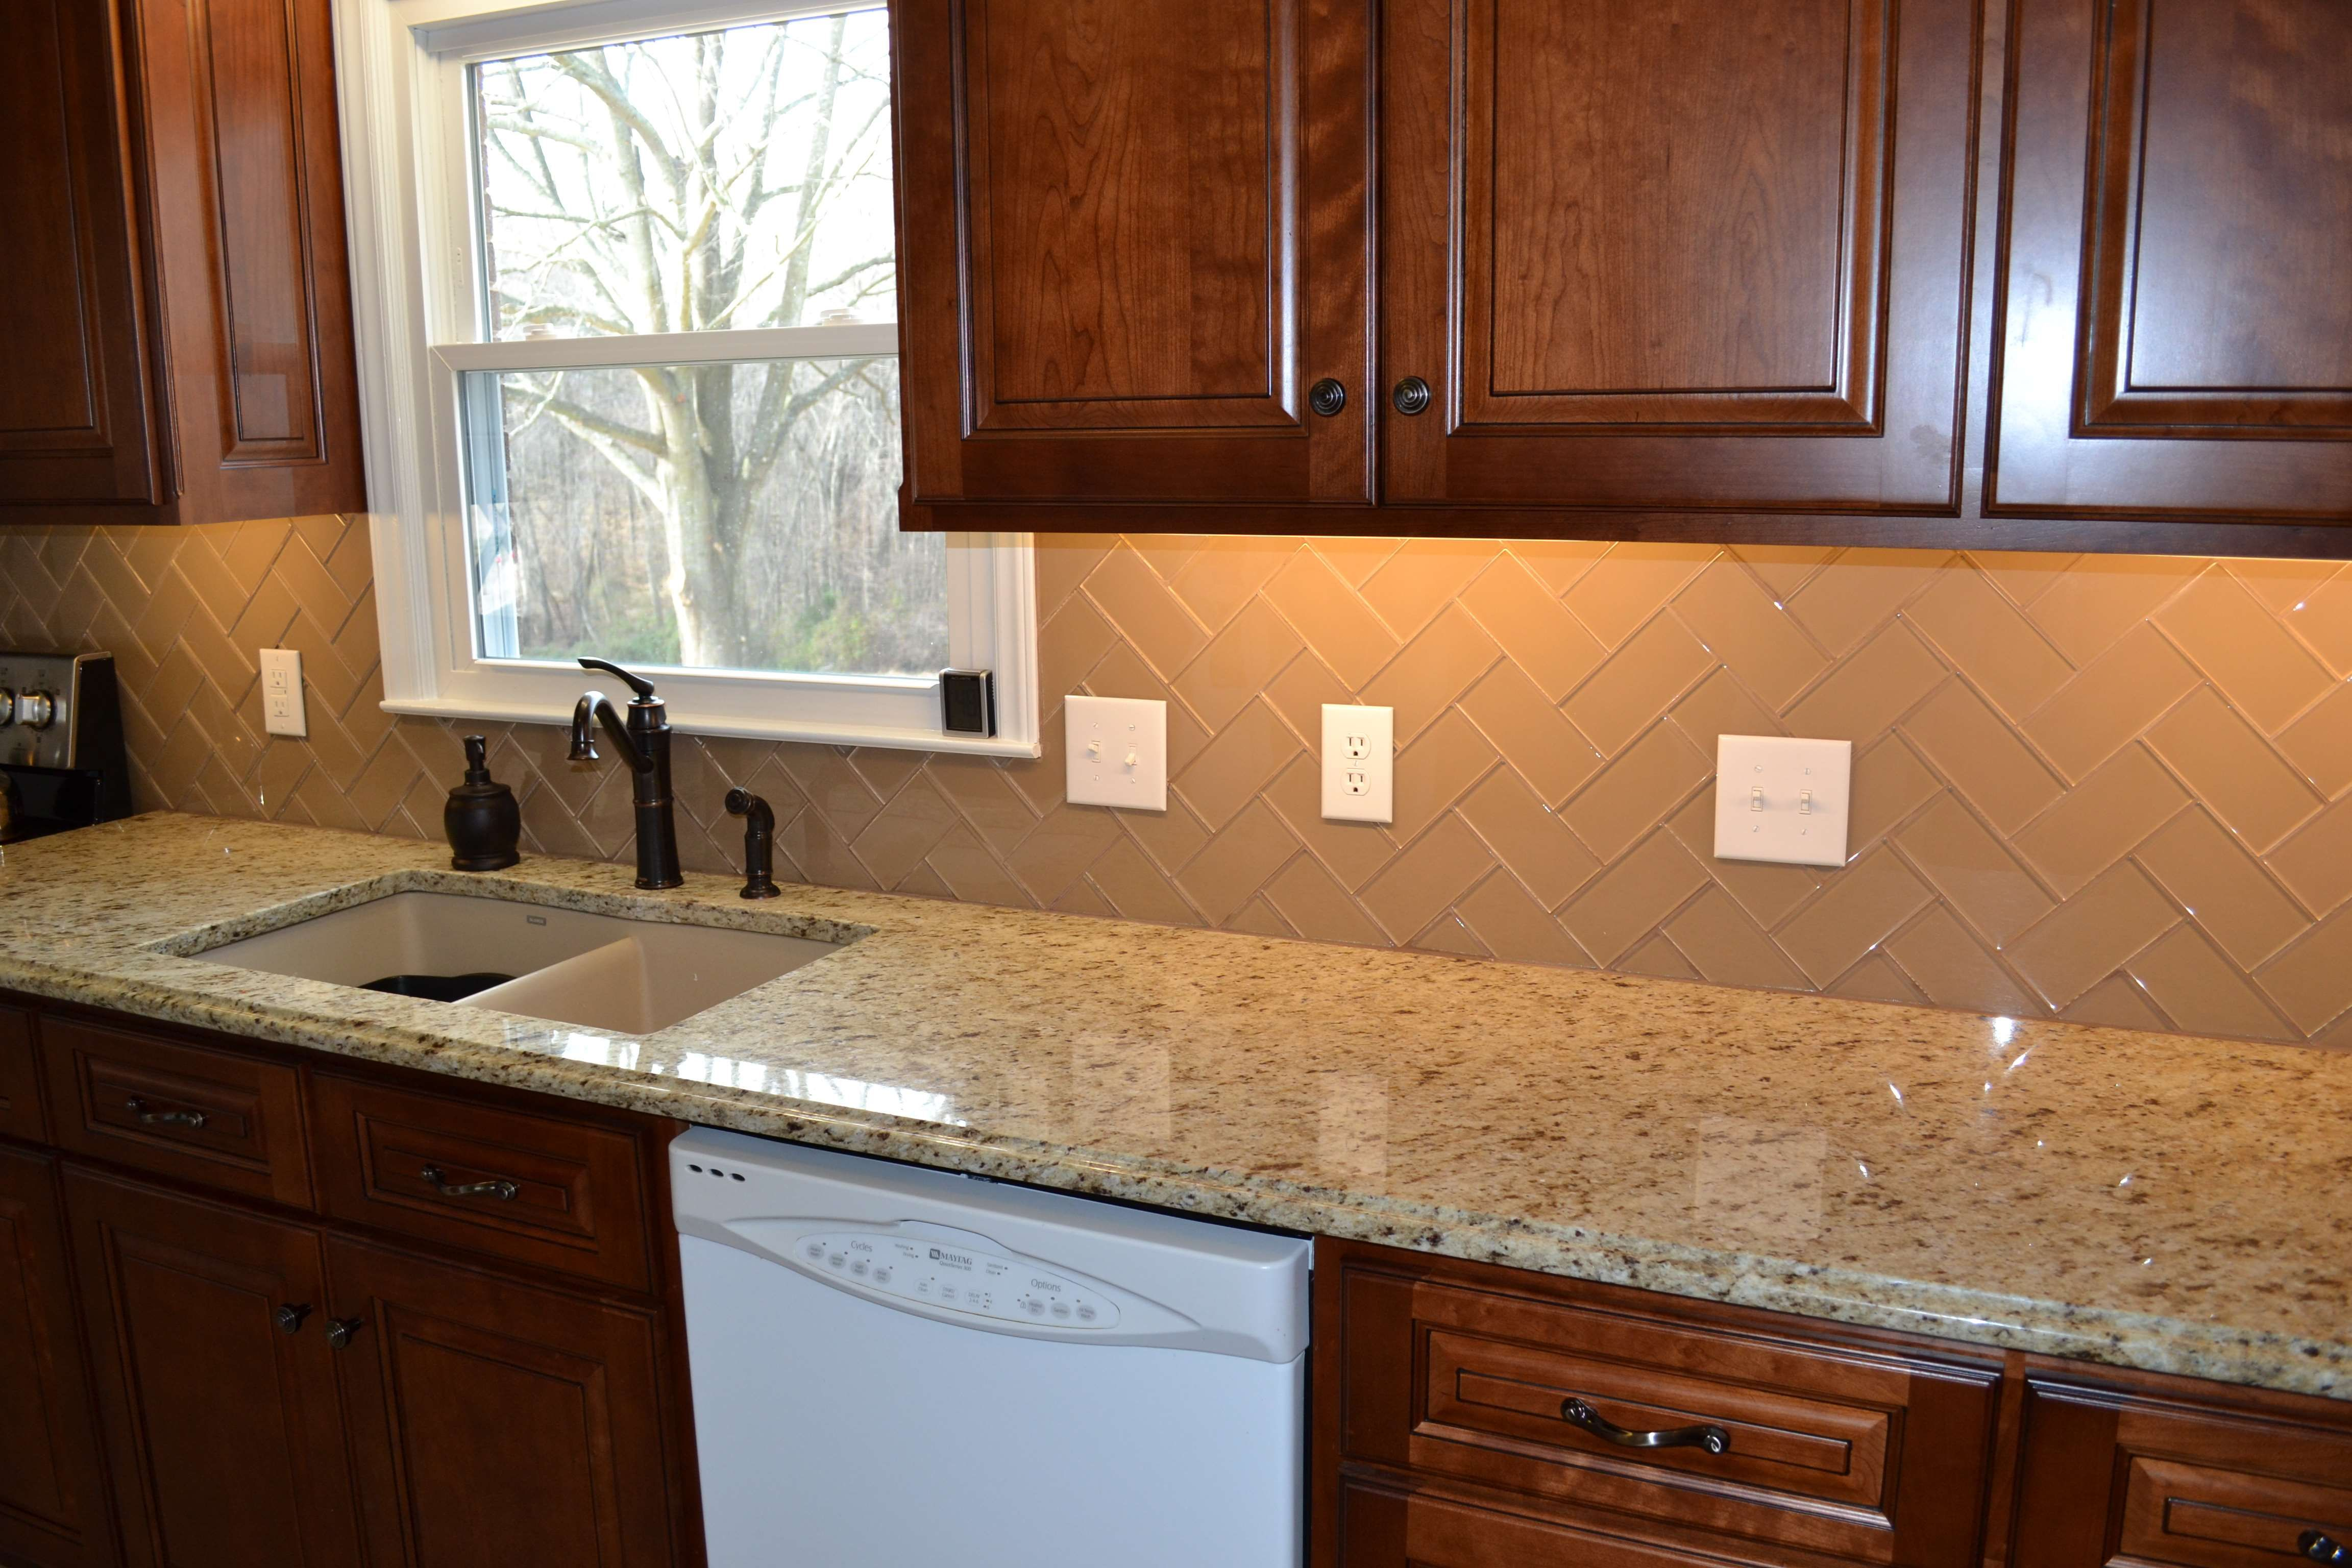 Champage Glass Subway Tile Herringbone Kitchen Backsplash